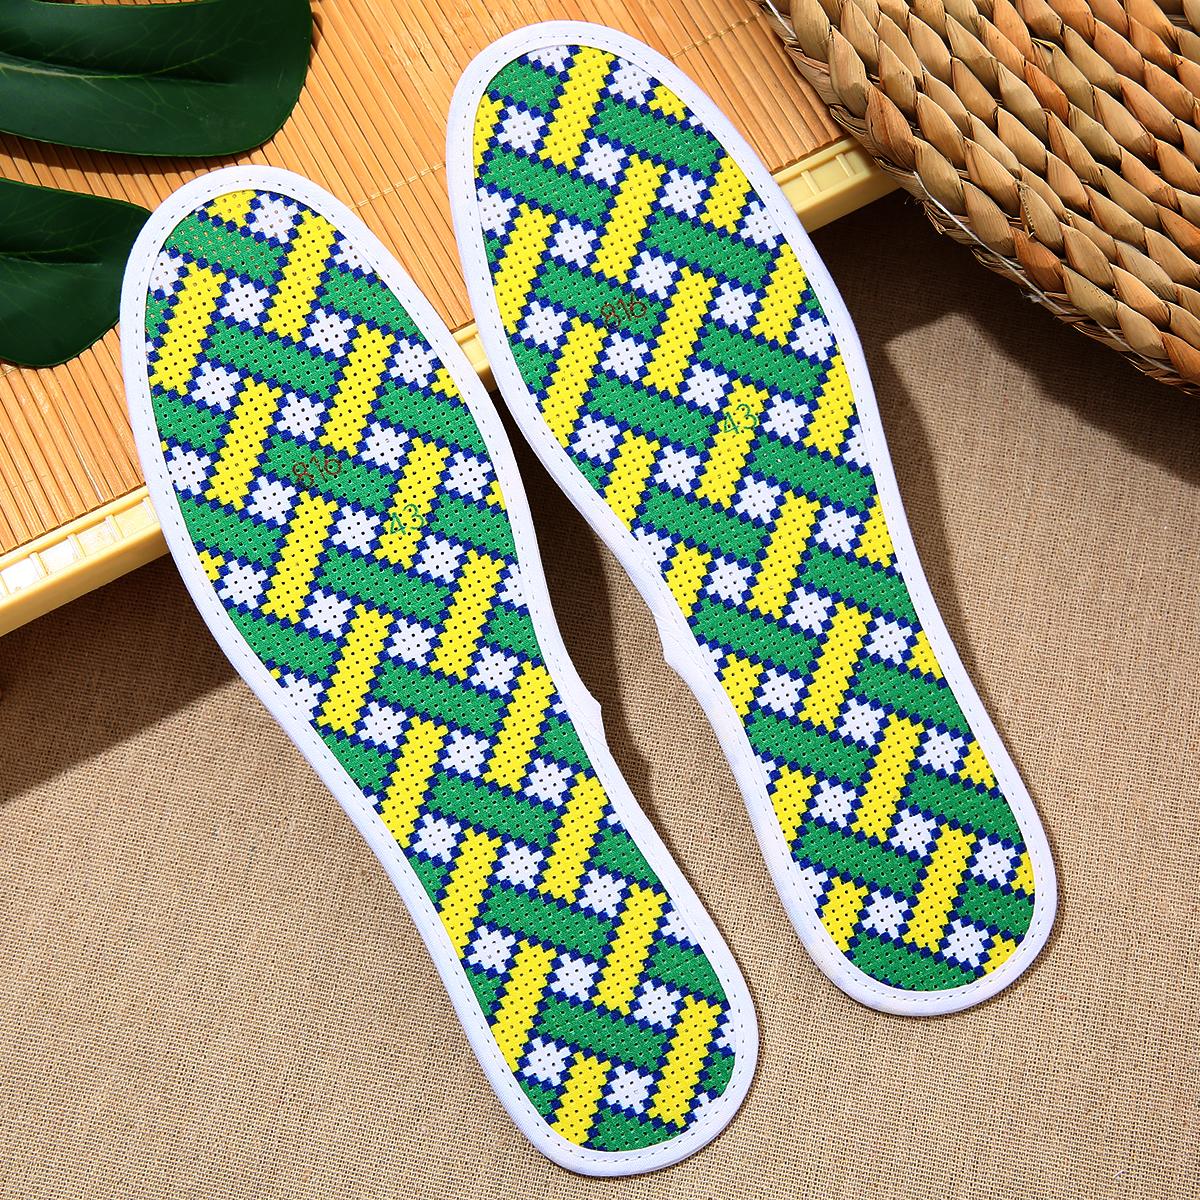 十字绣鞋垫纯棉男女半成品六层精准印花针孔吸汗透气防臭满6包邮